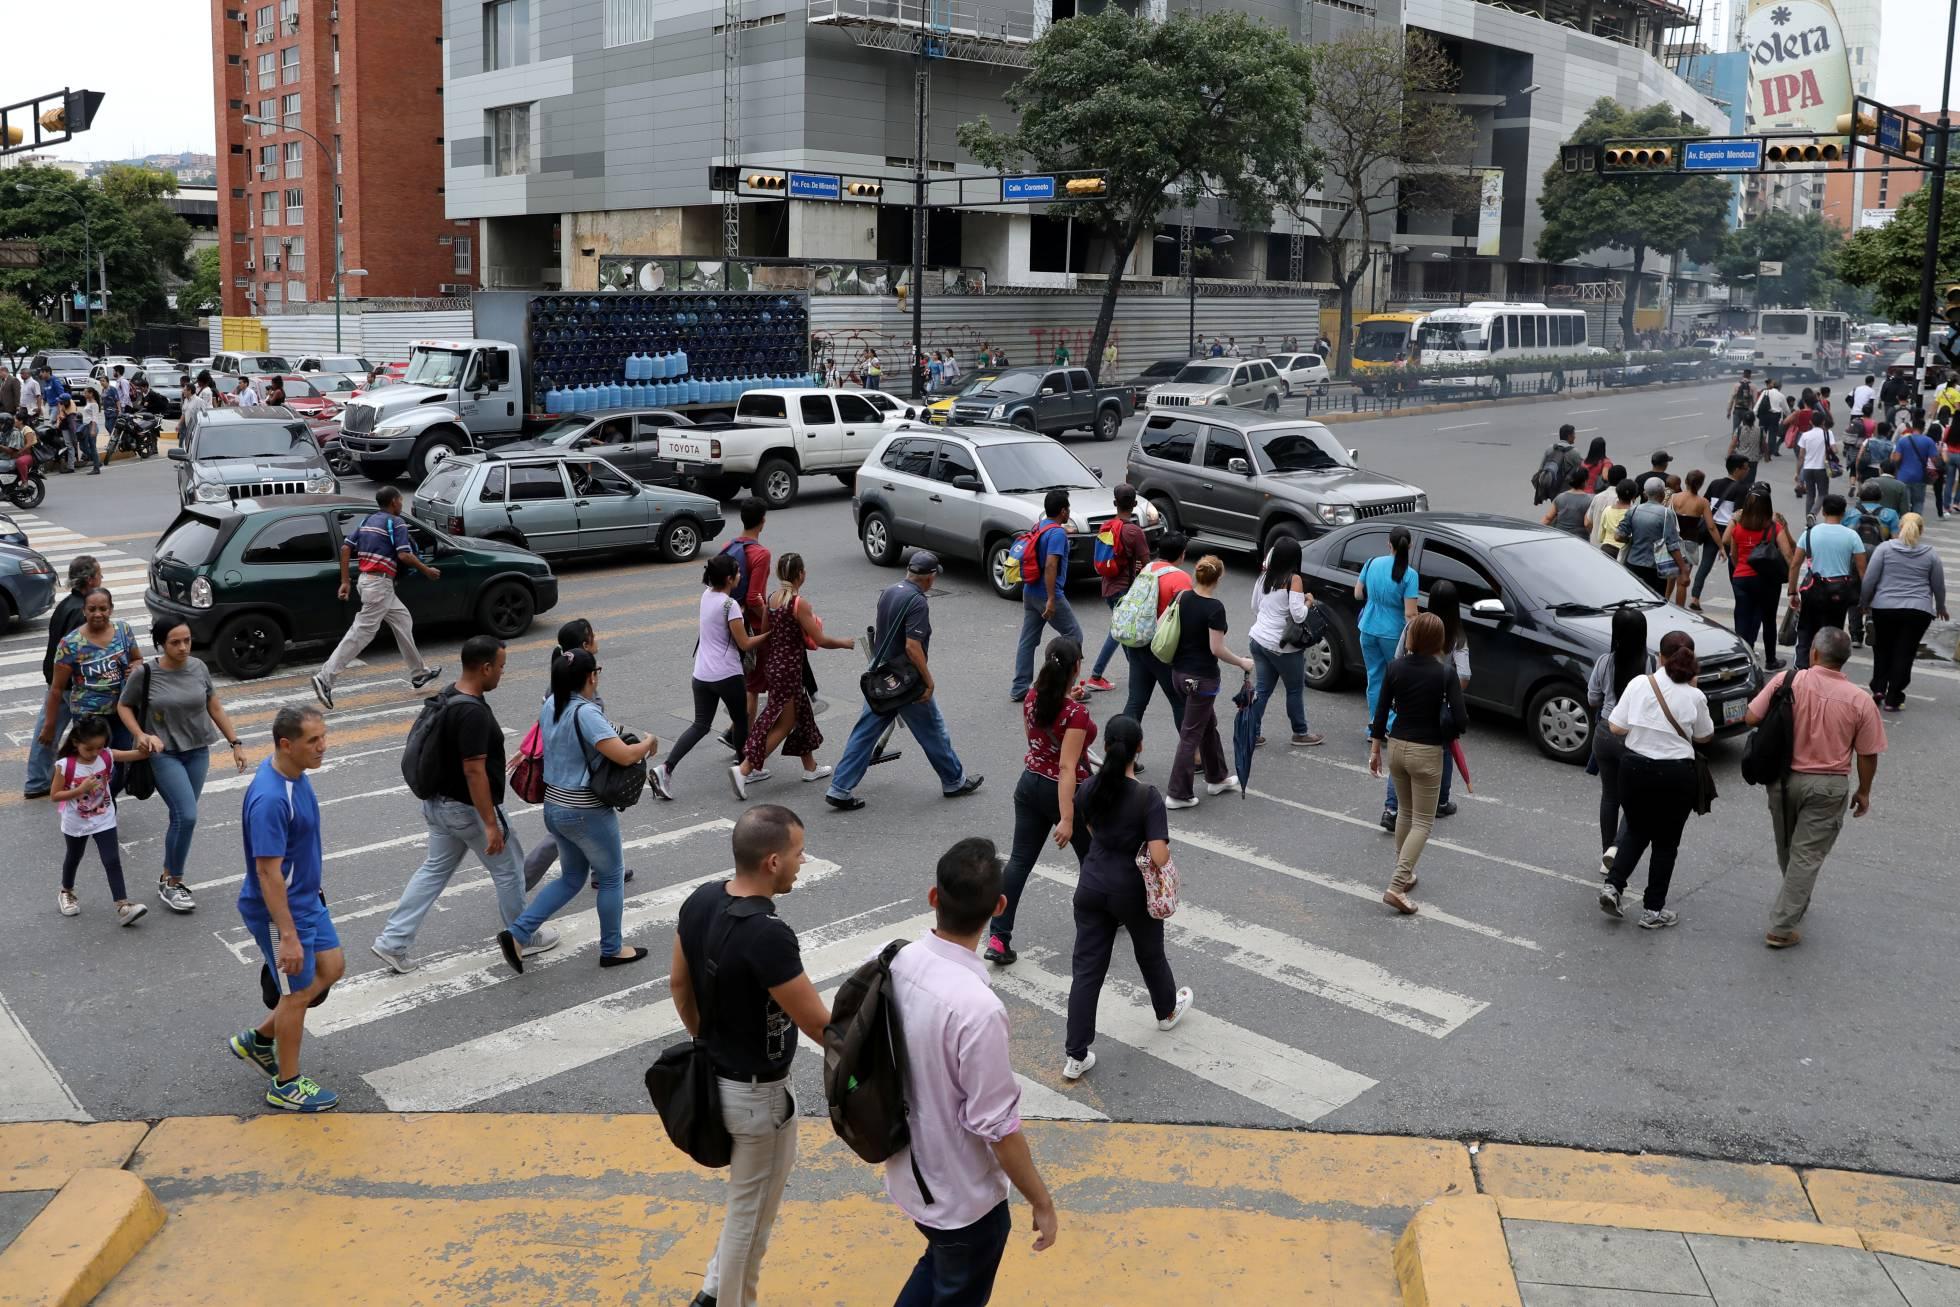 El colapso del sistema eléctrico sume de nuevo a Venezuela en el caos